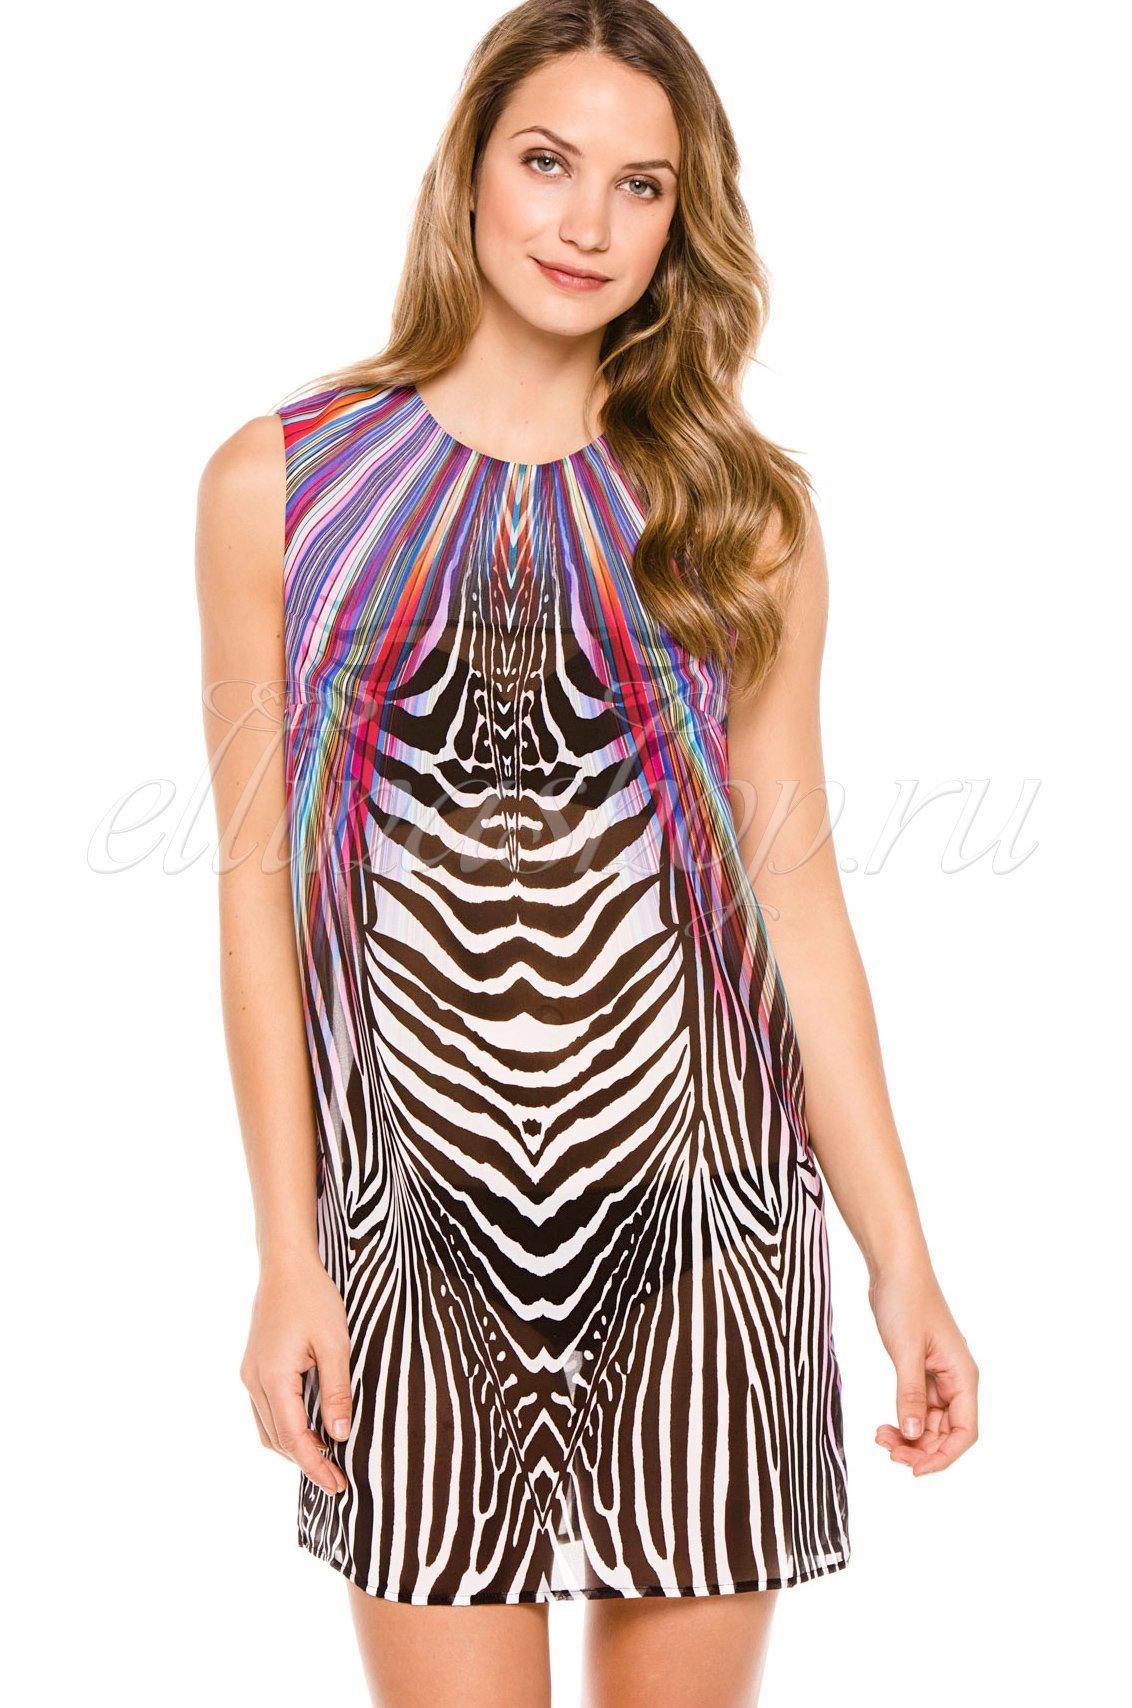 15RA676R Rainbow Zebra платье Gottex (разноцветный), 46